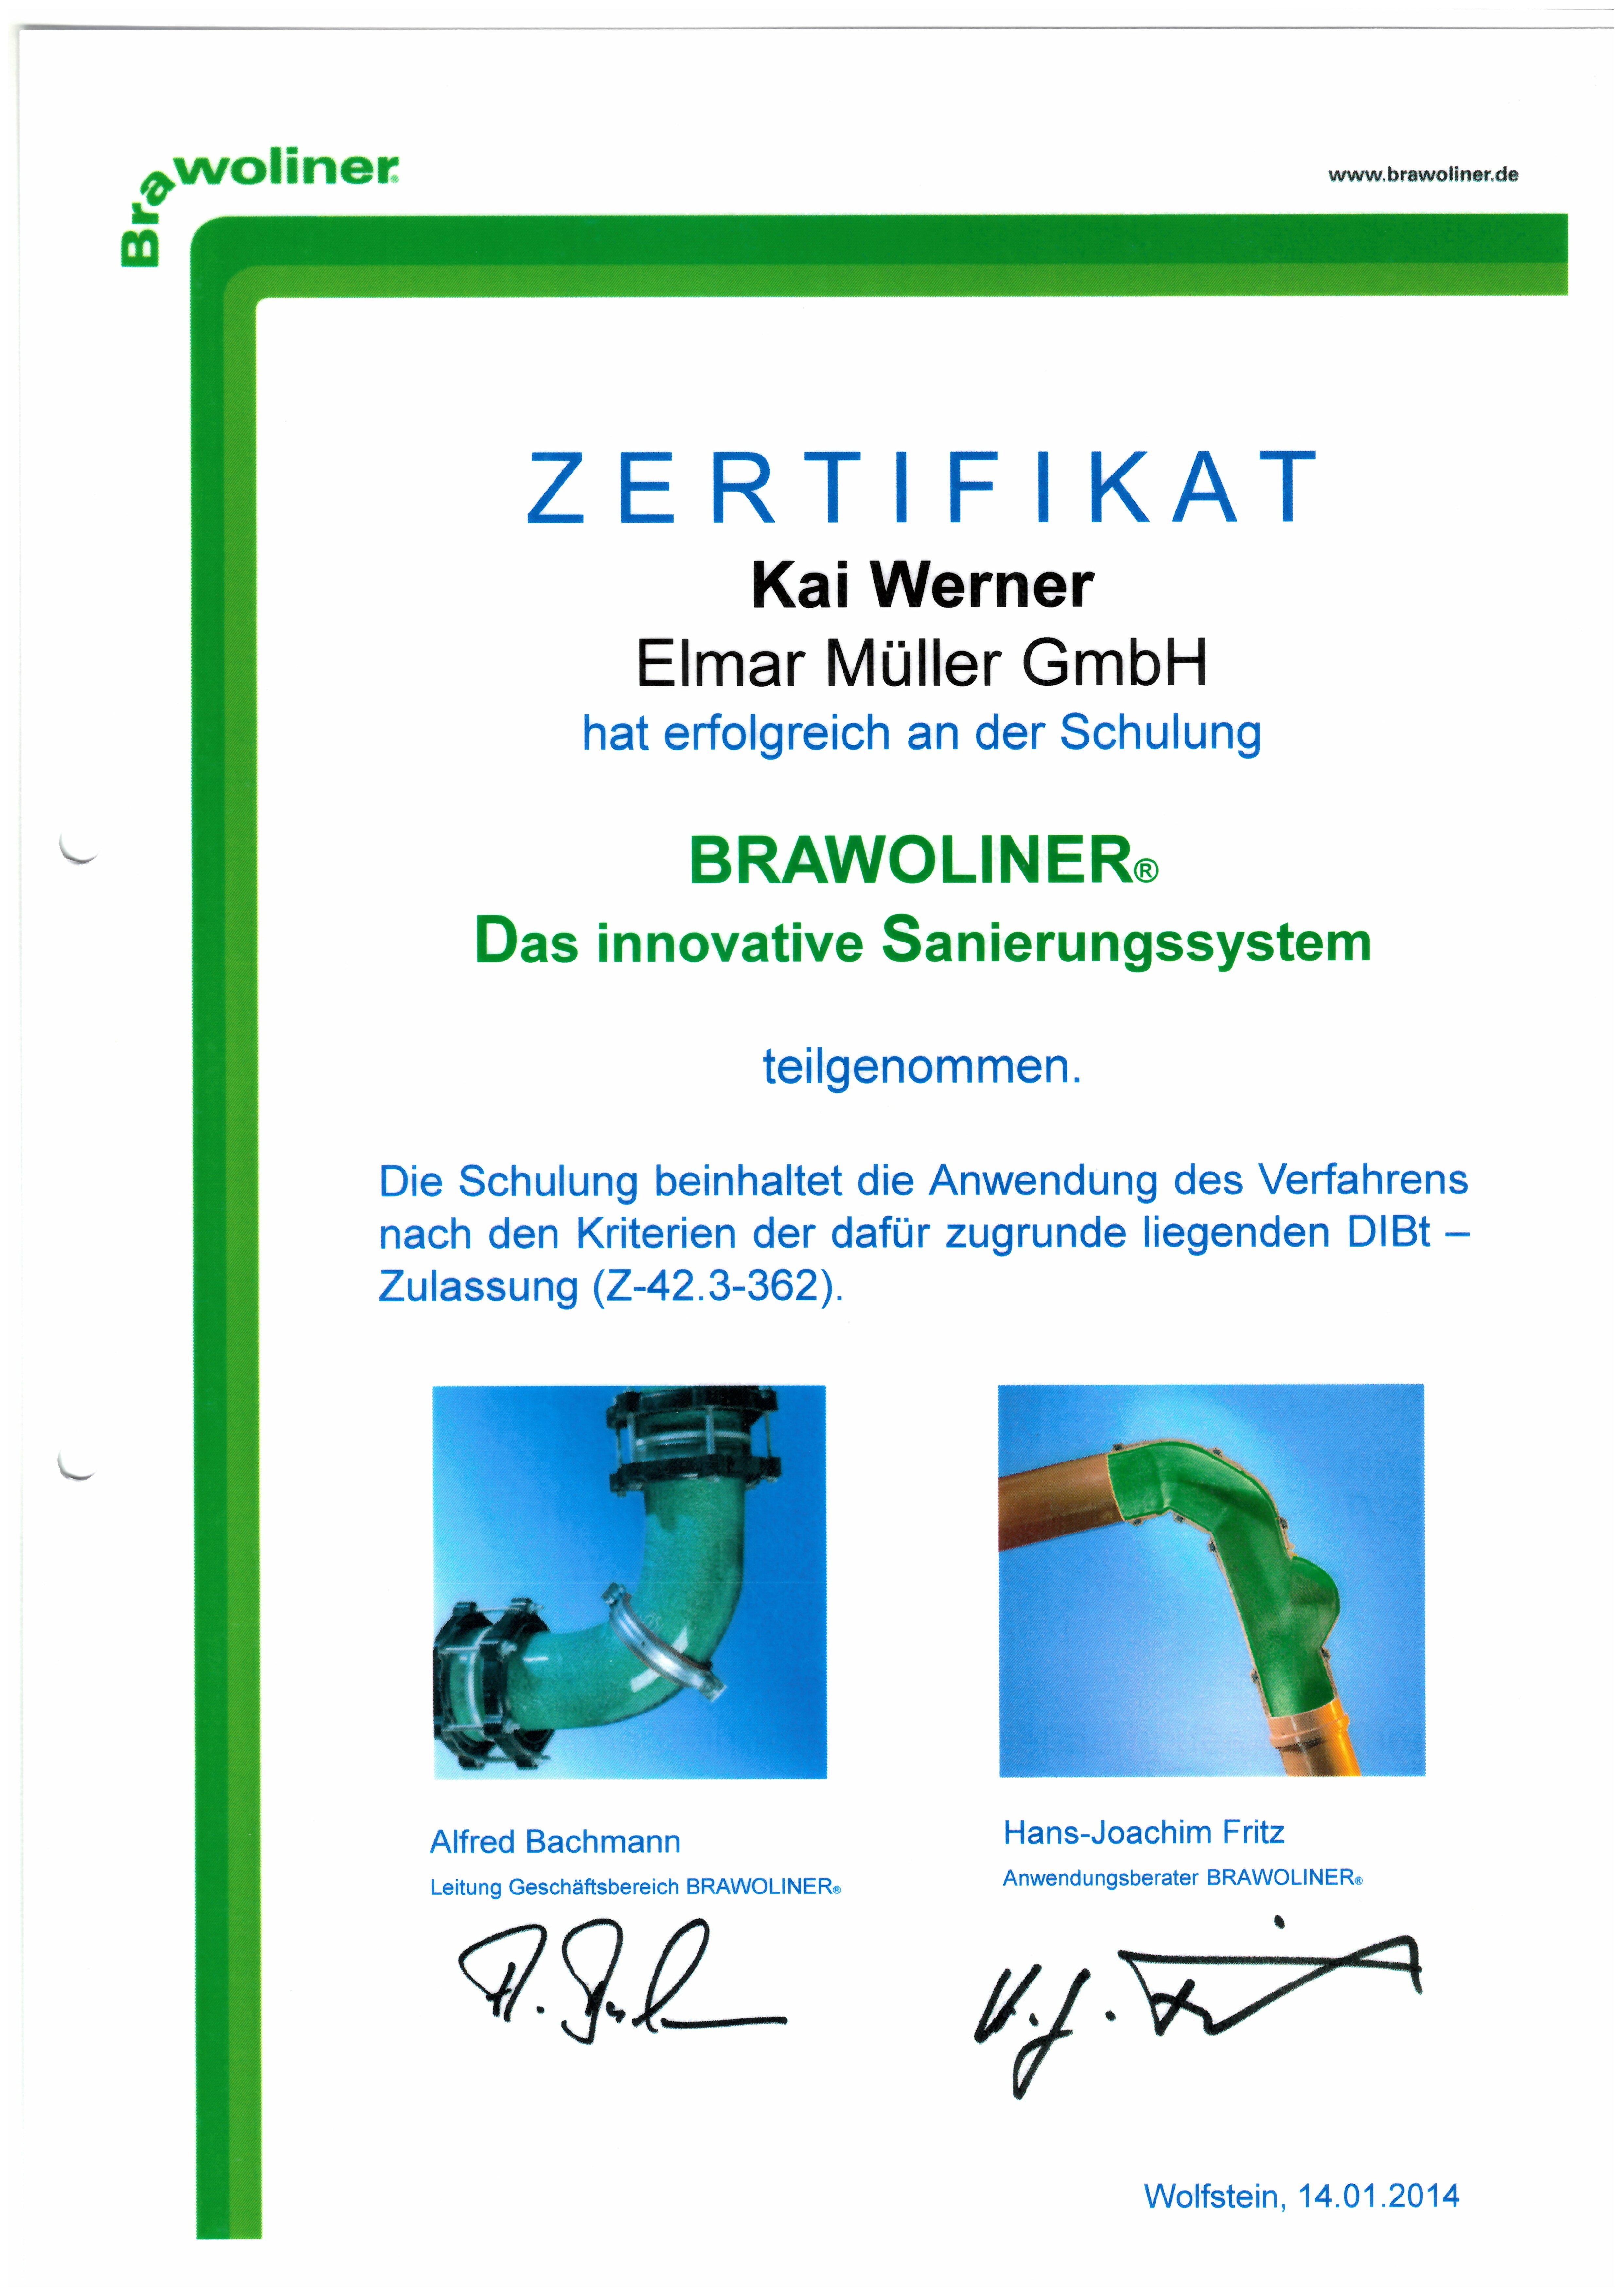 Zertifikat - Brawoliner das innovative Sanierungssystem - Werner